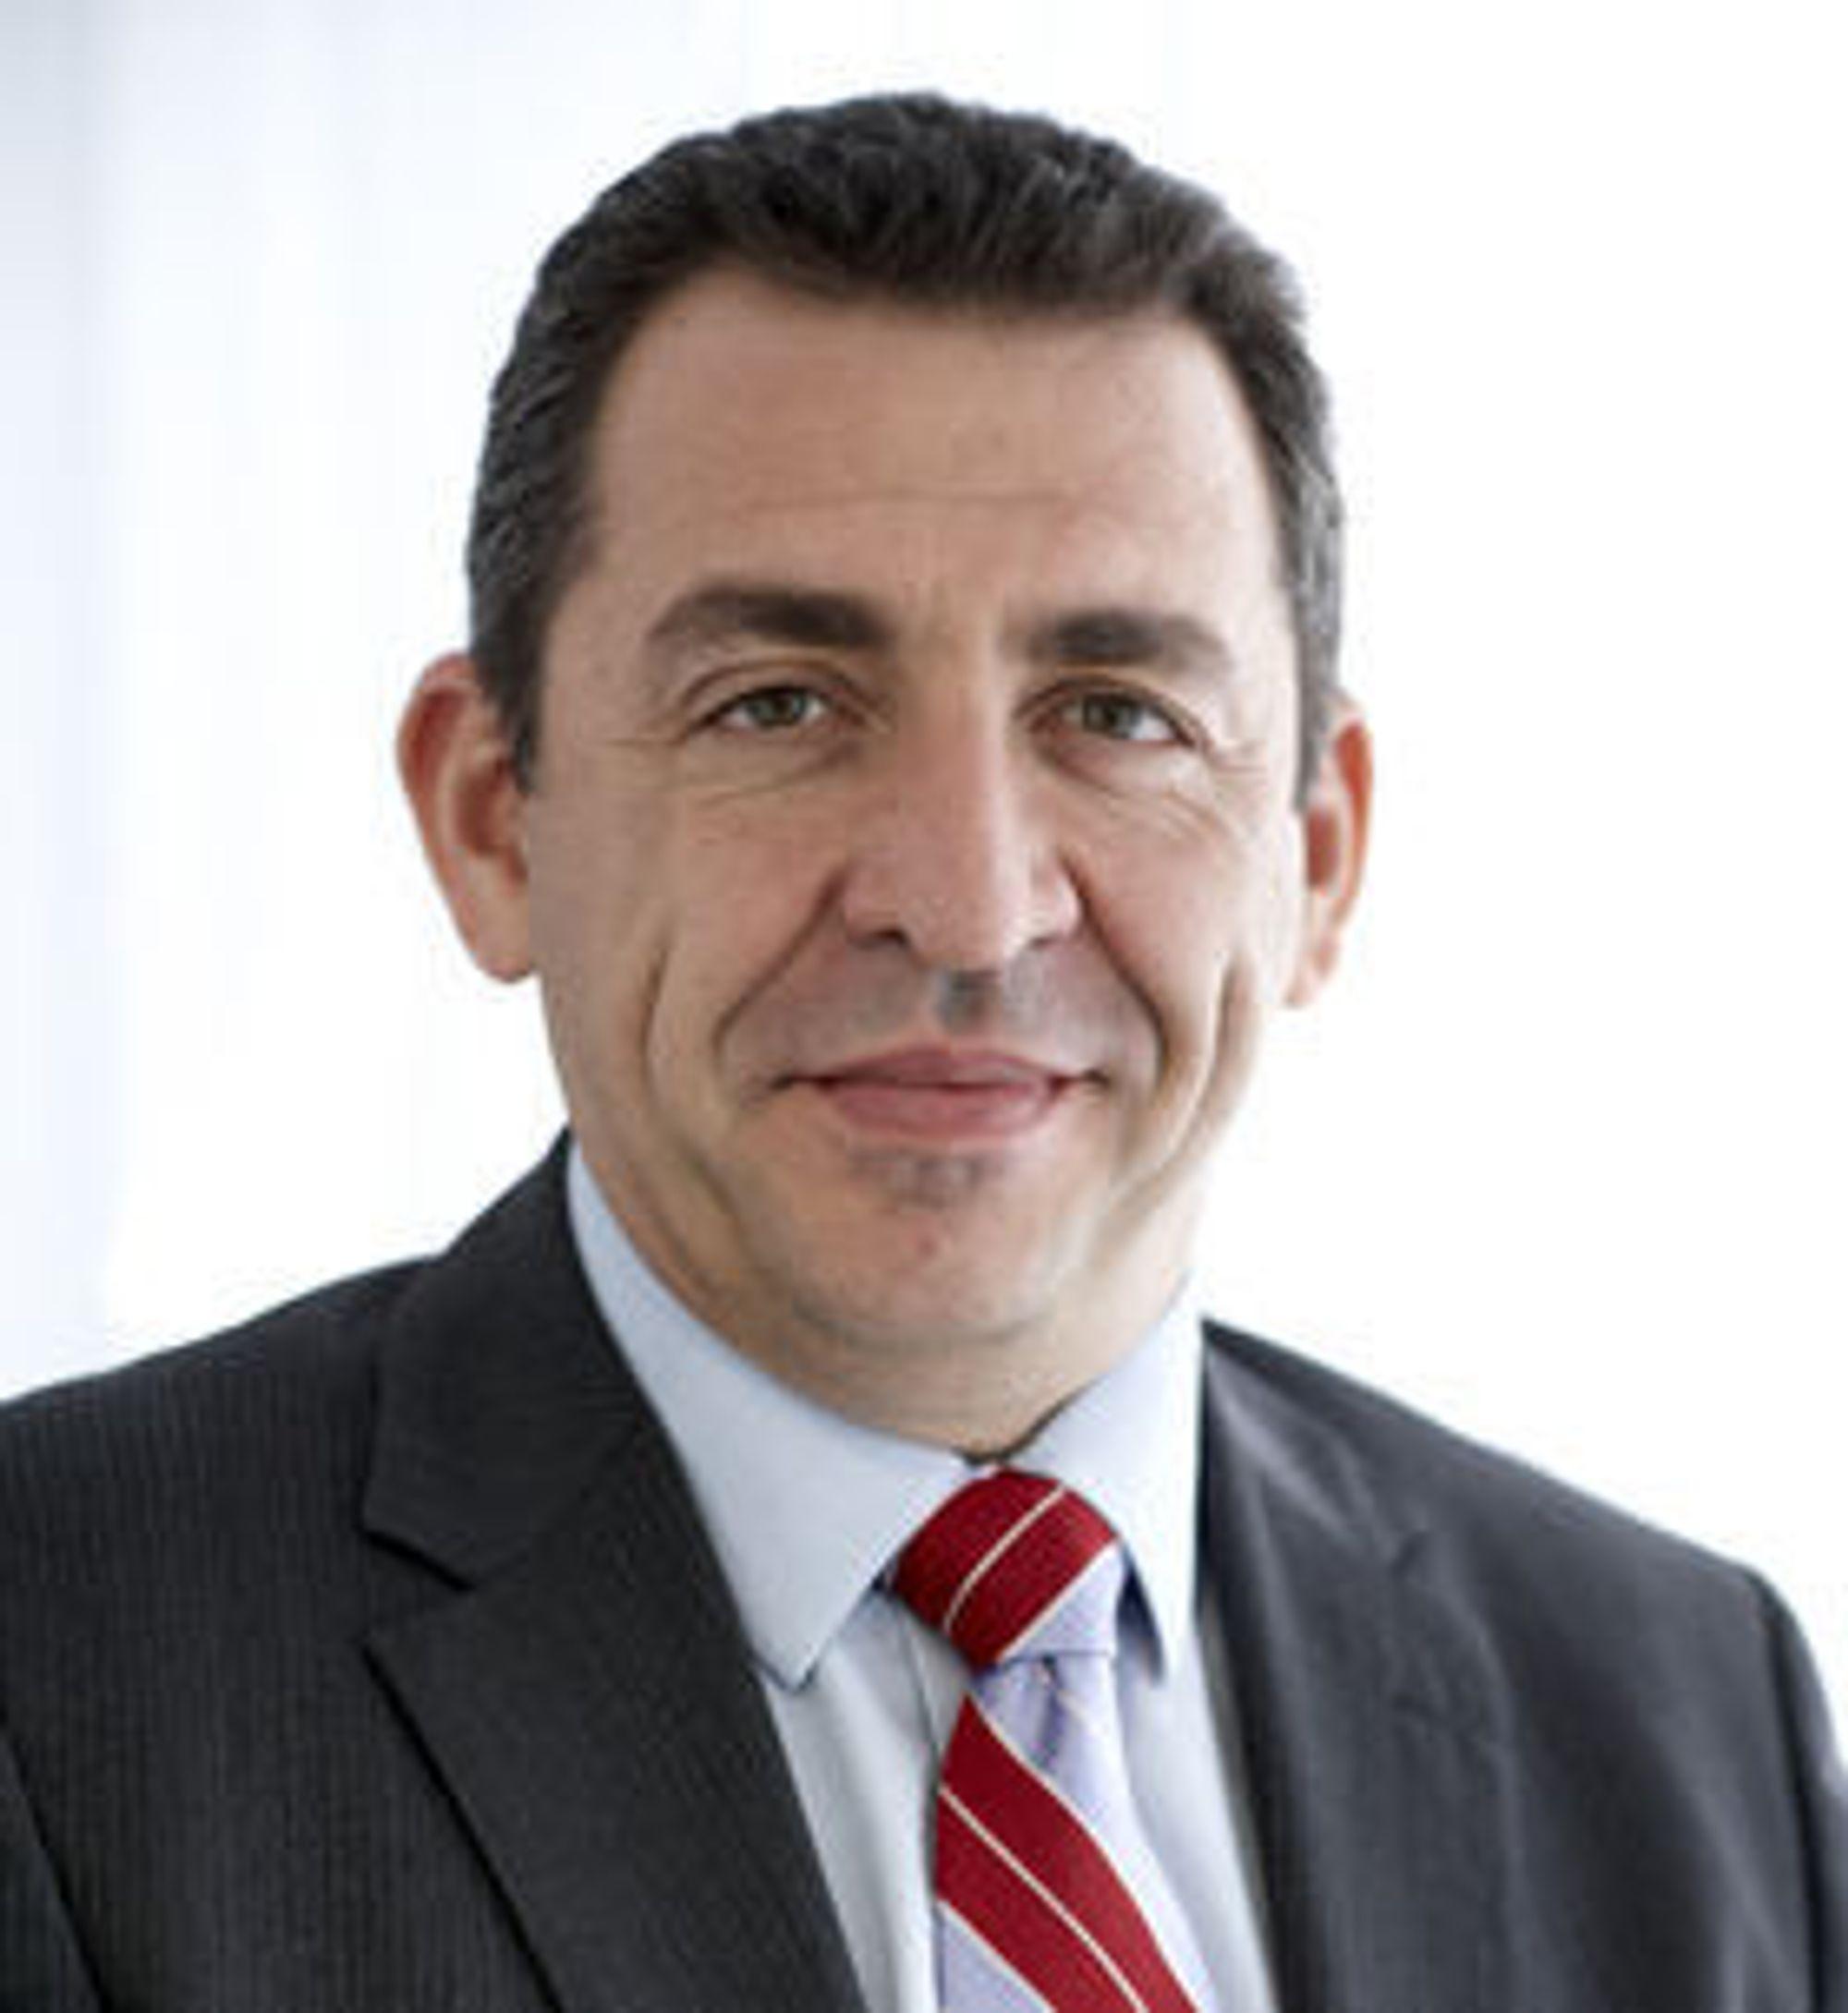 Kasim Alfali i svenske Ericsson.